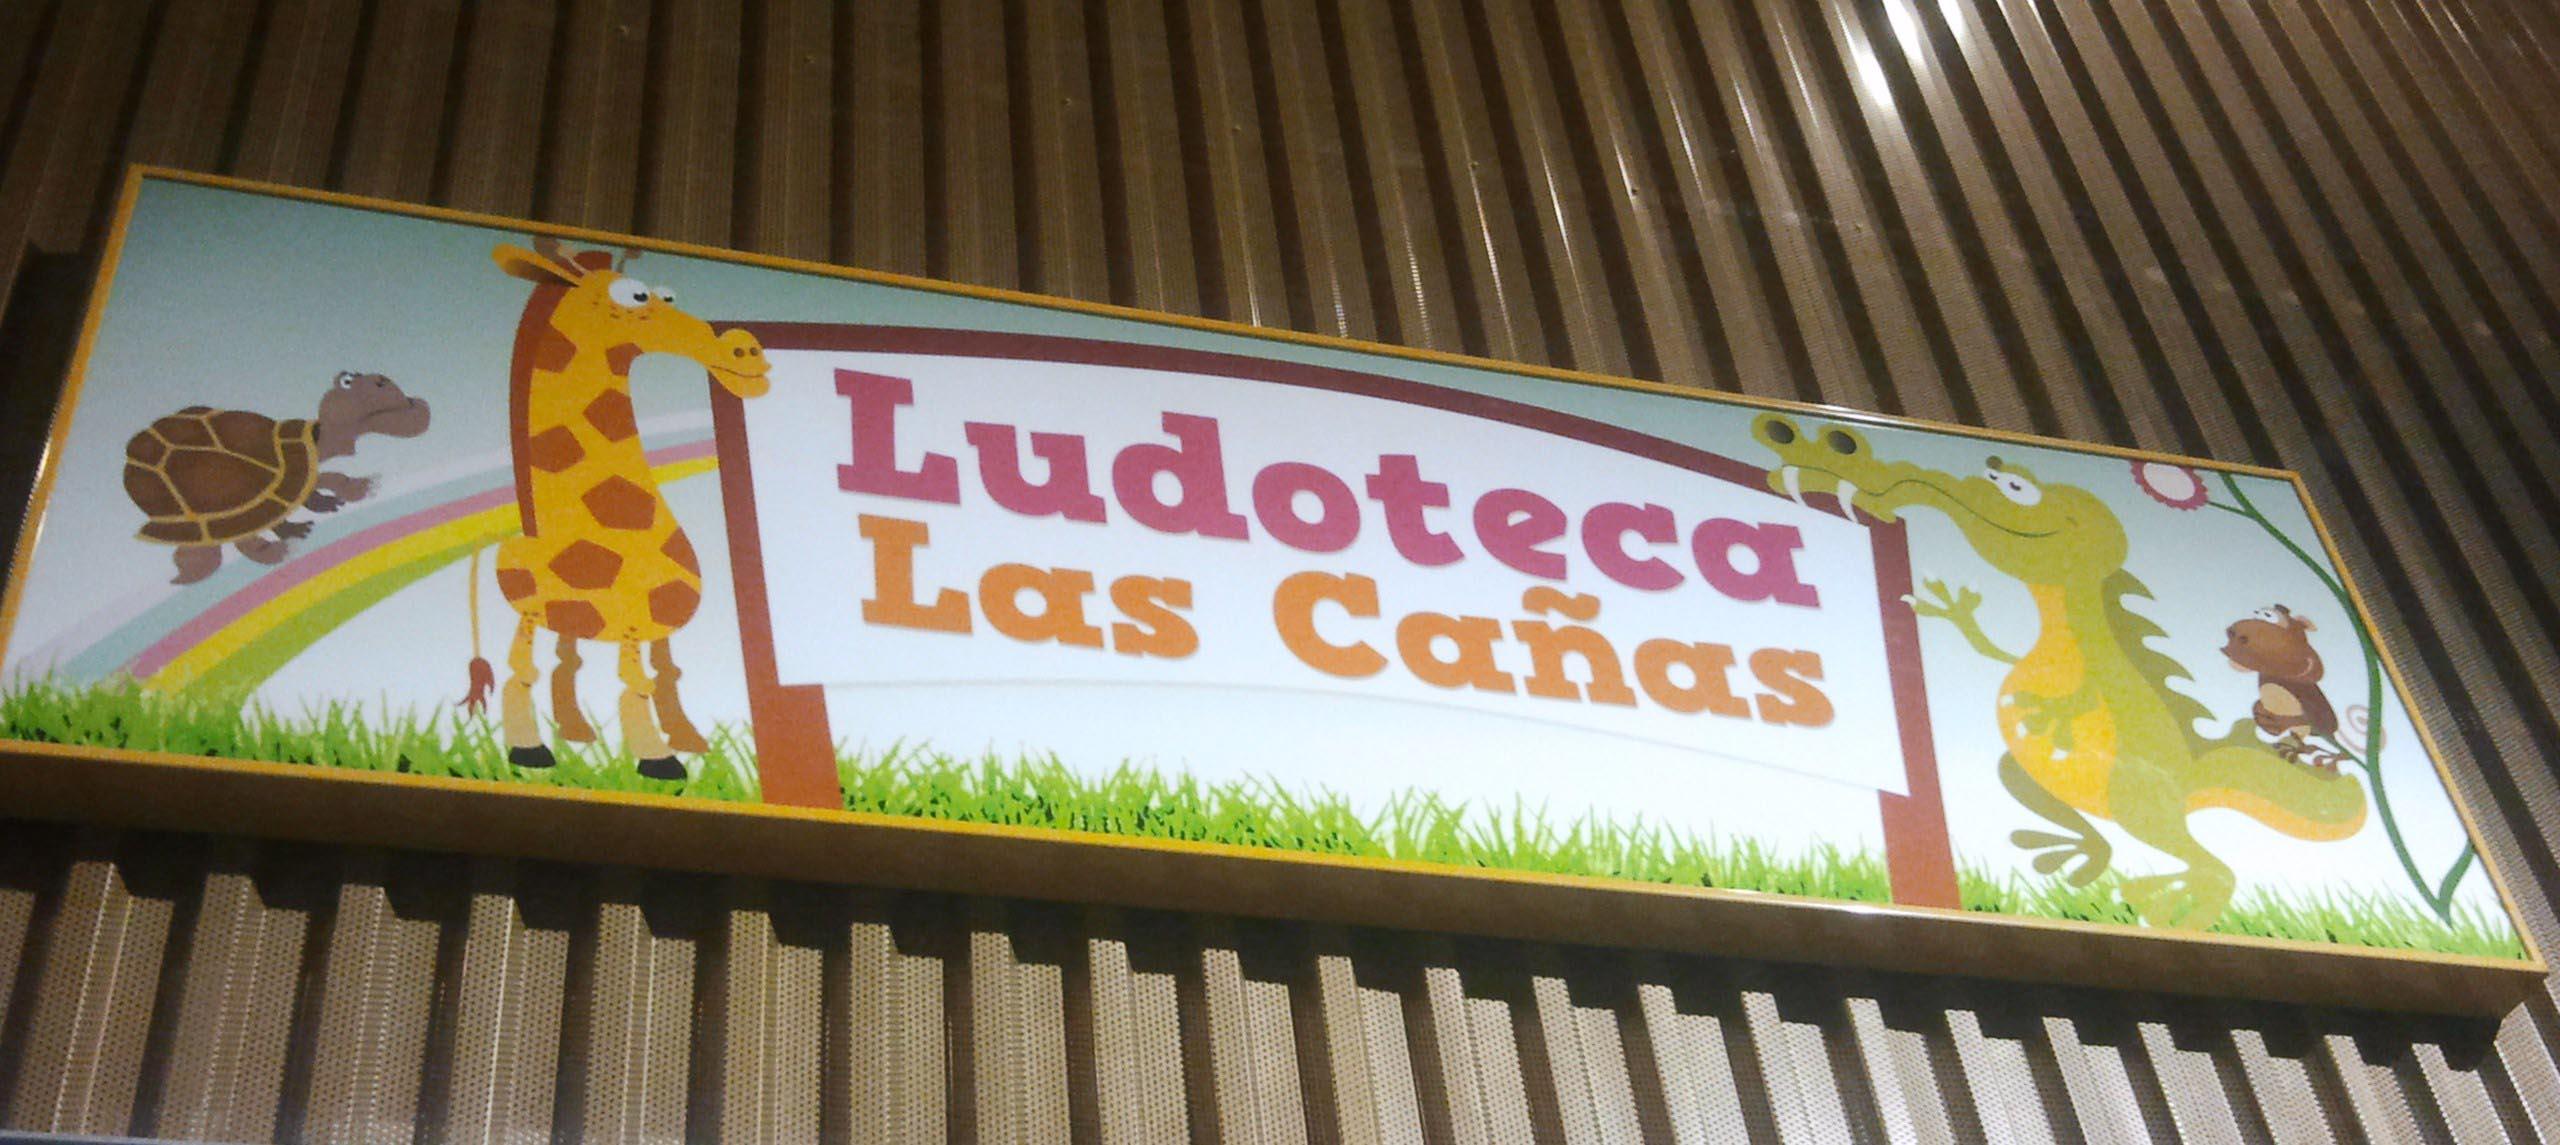 Ludoteca del Centro Comercial Las Cañas